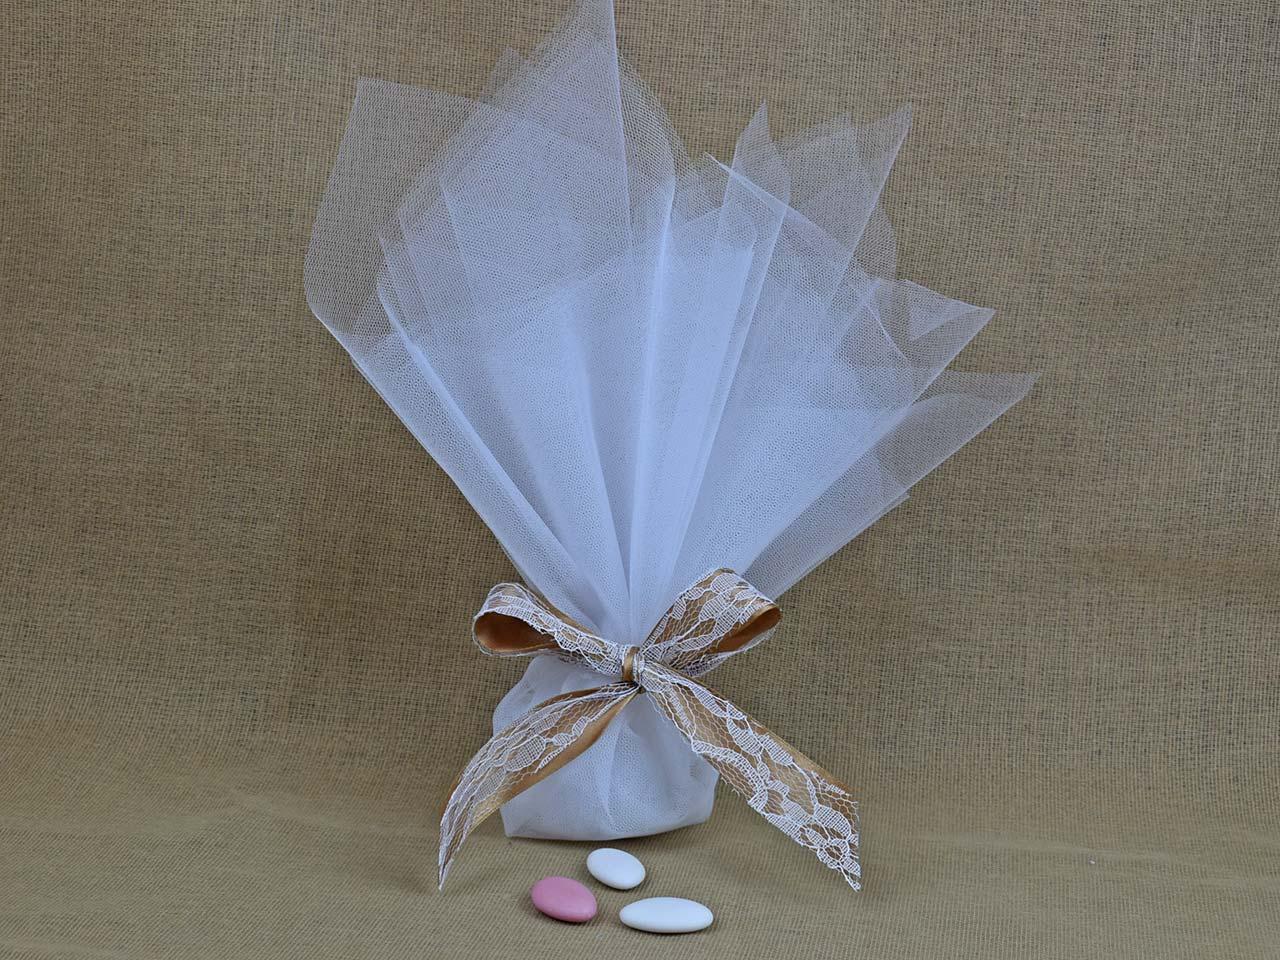 1762456a261 Μπομπονιέρα Γάμου Γαλλικό Τούλι